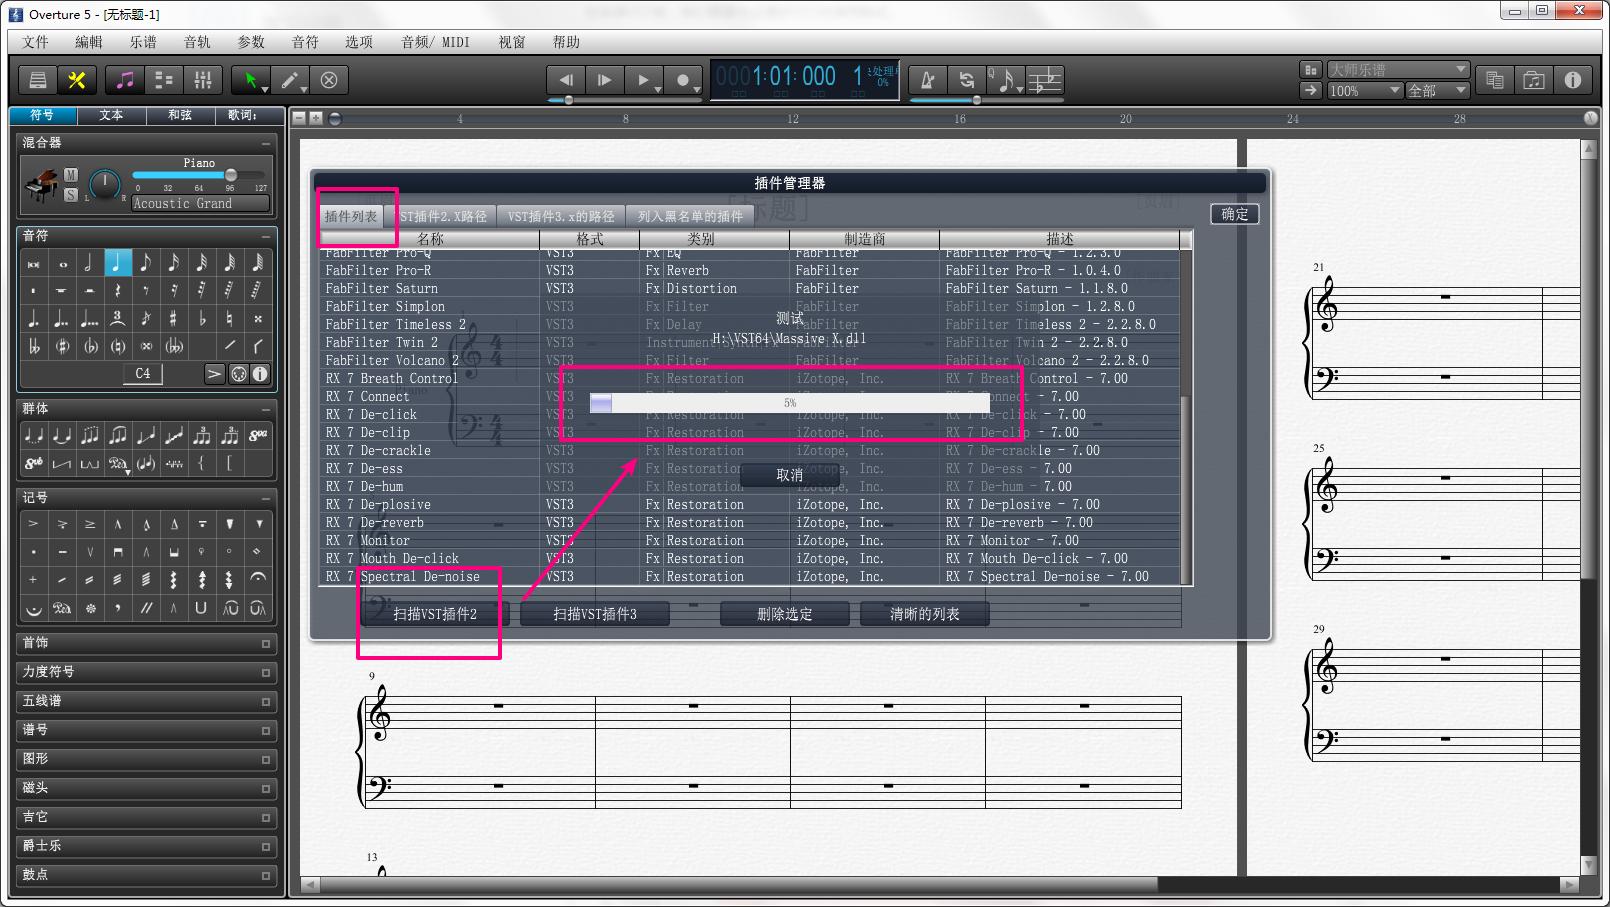 作曲软件Overture的扫描乐器界面